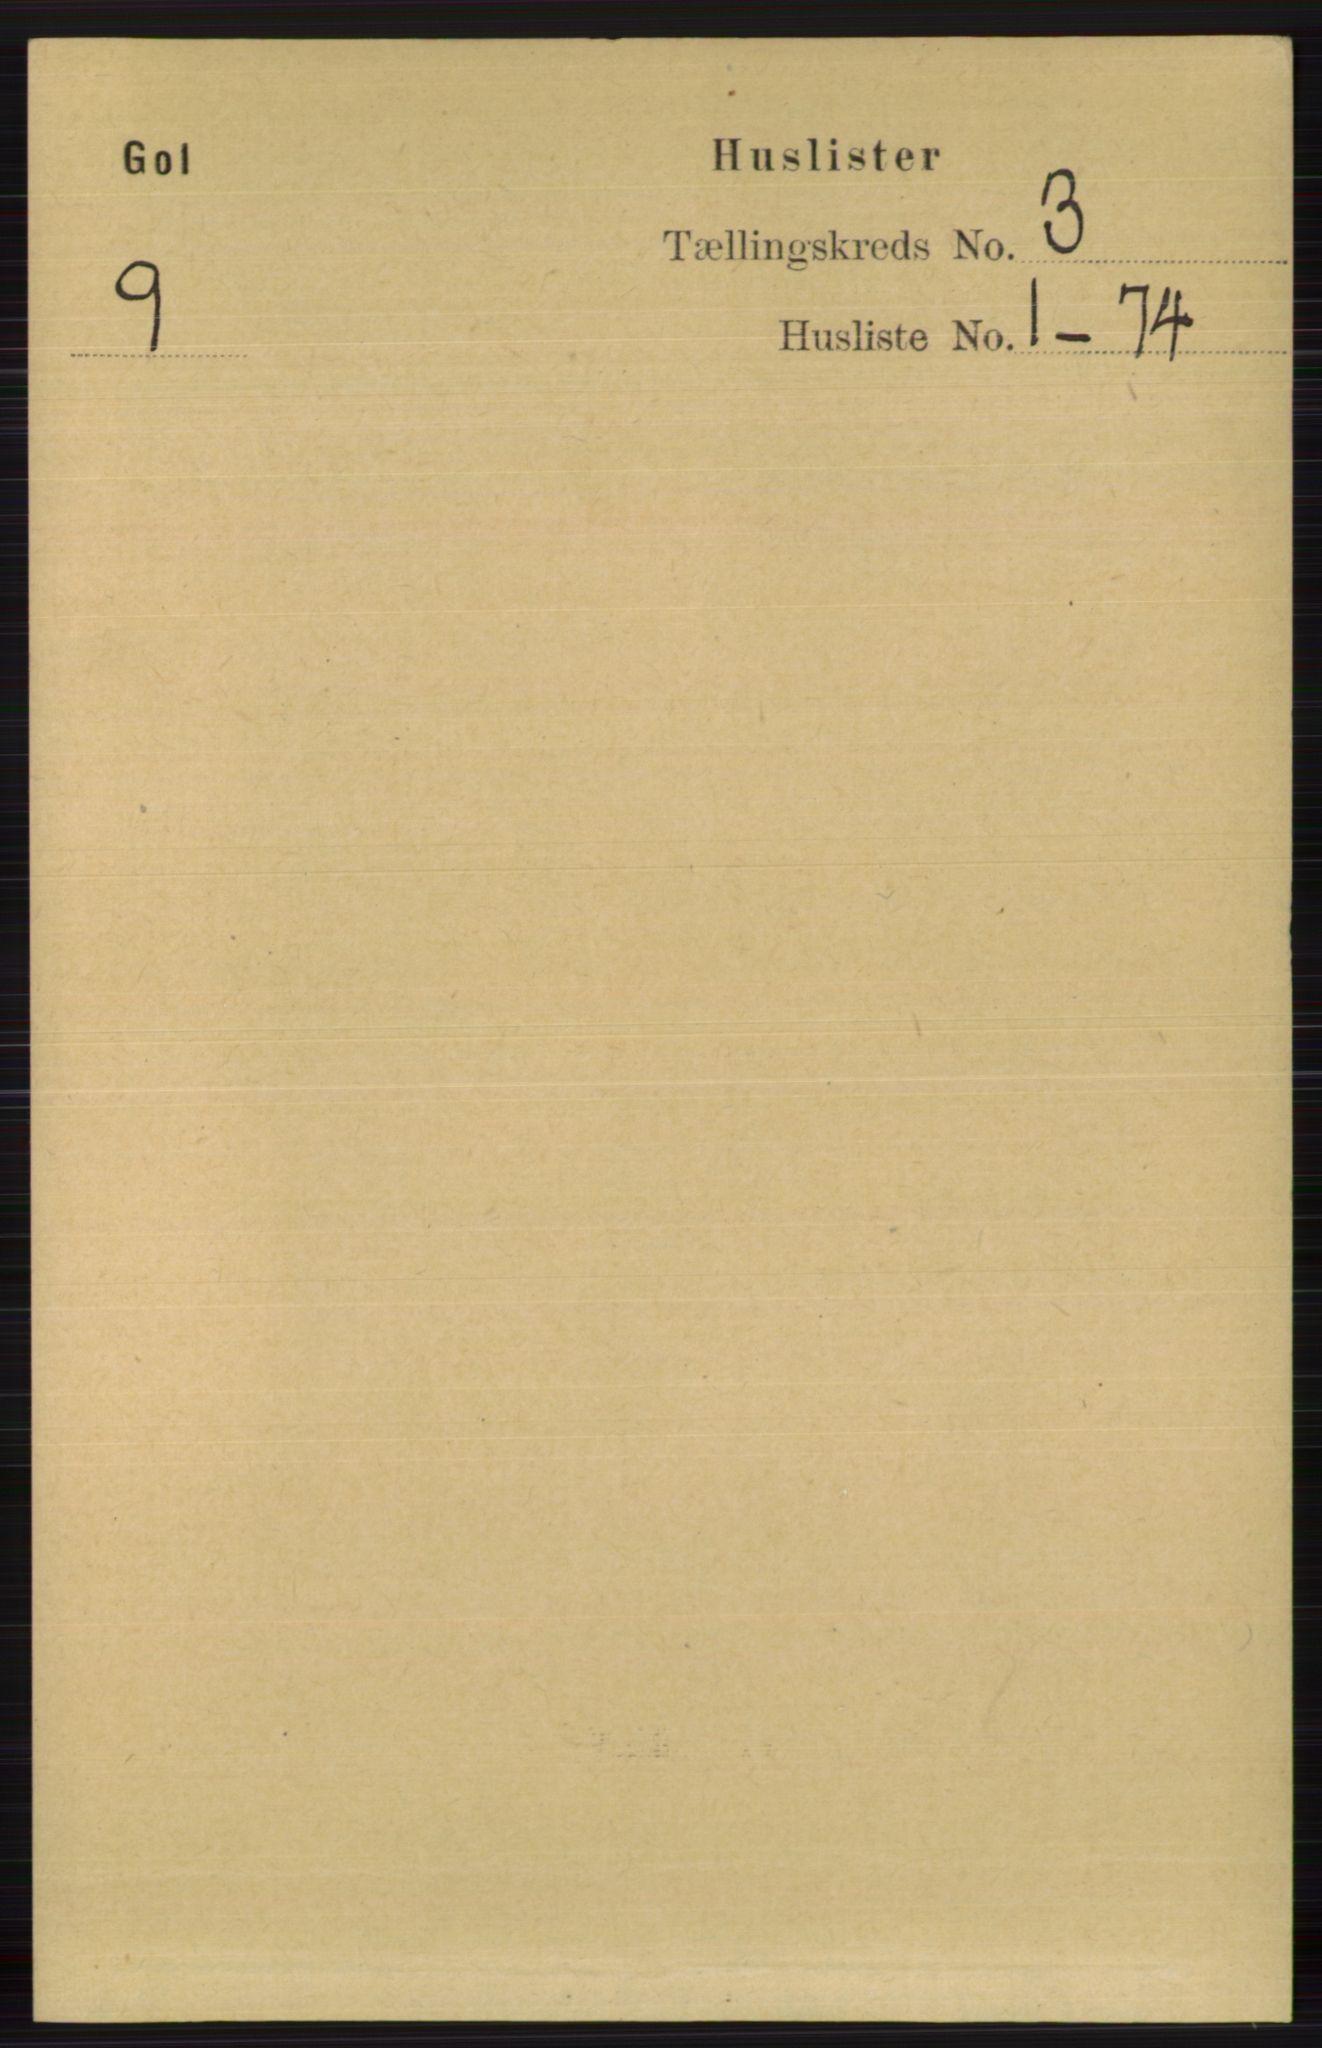 RA, Folketelling 1891 for 0617 Gol og Hemsedal herred, 1891, s. 1194